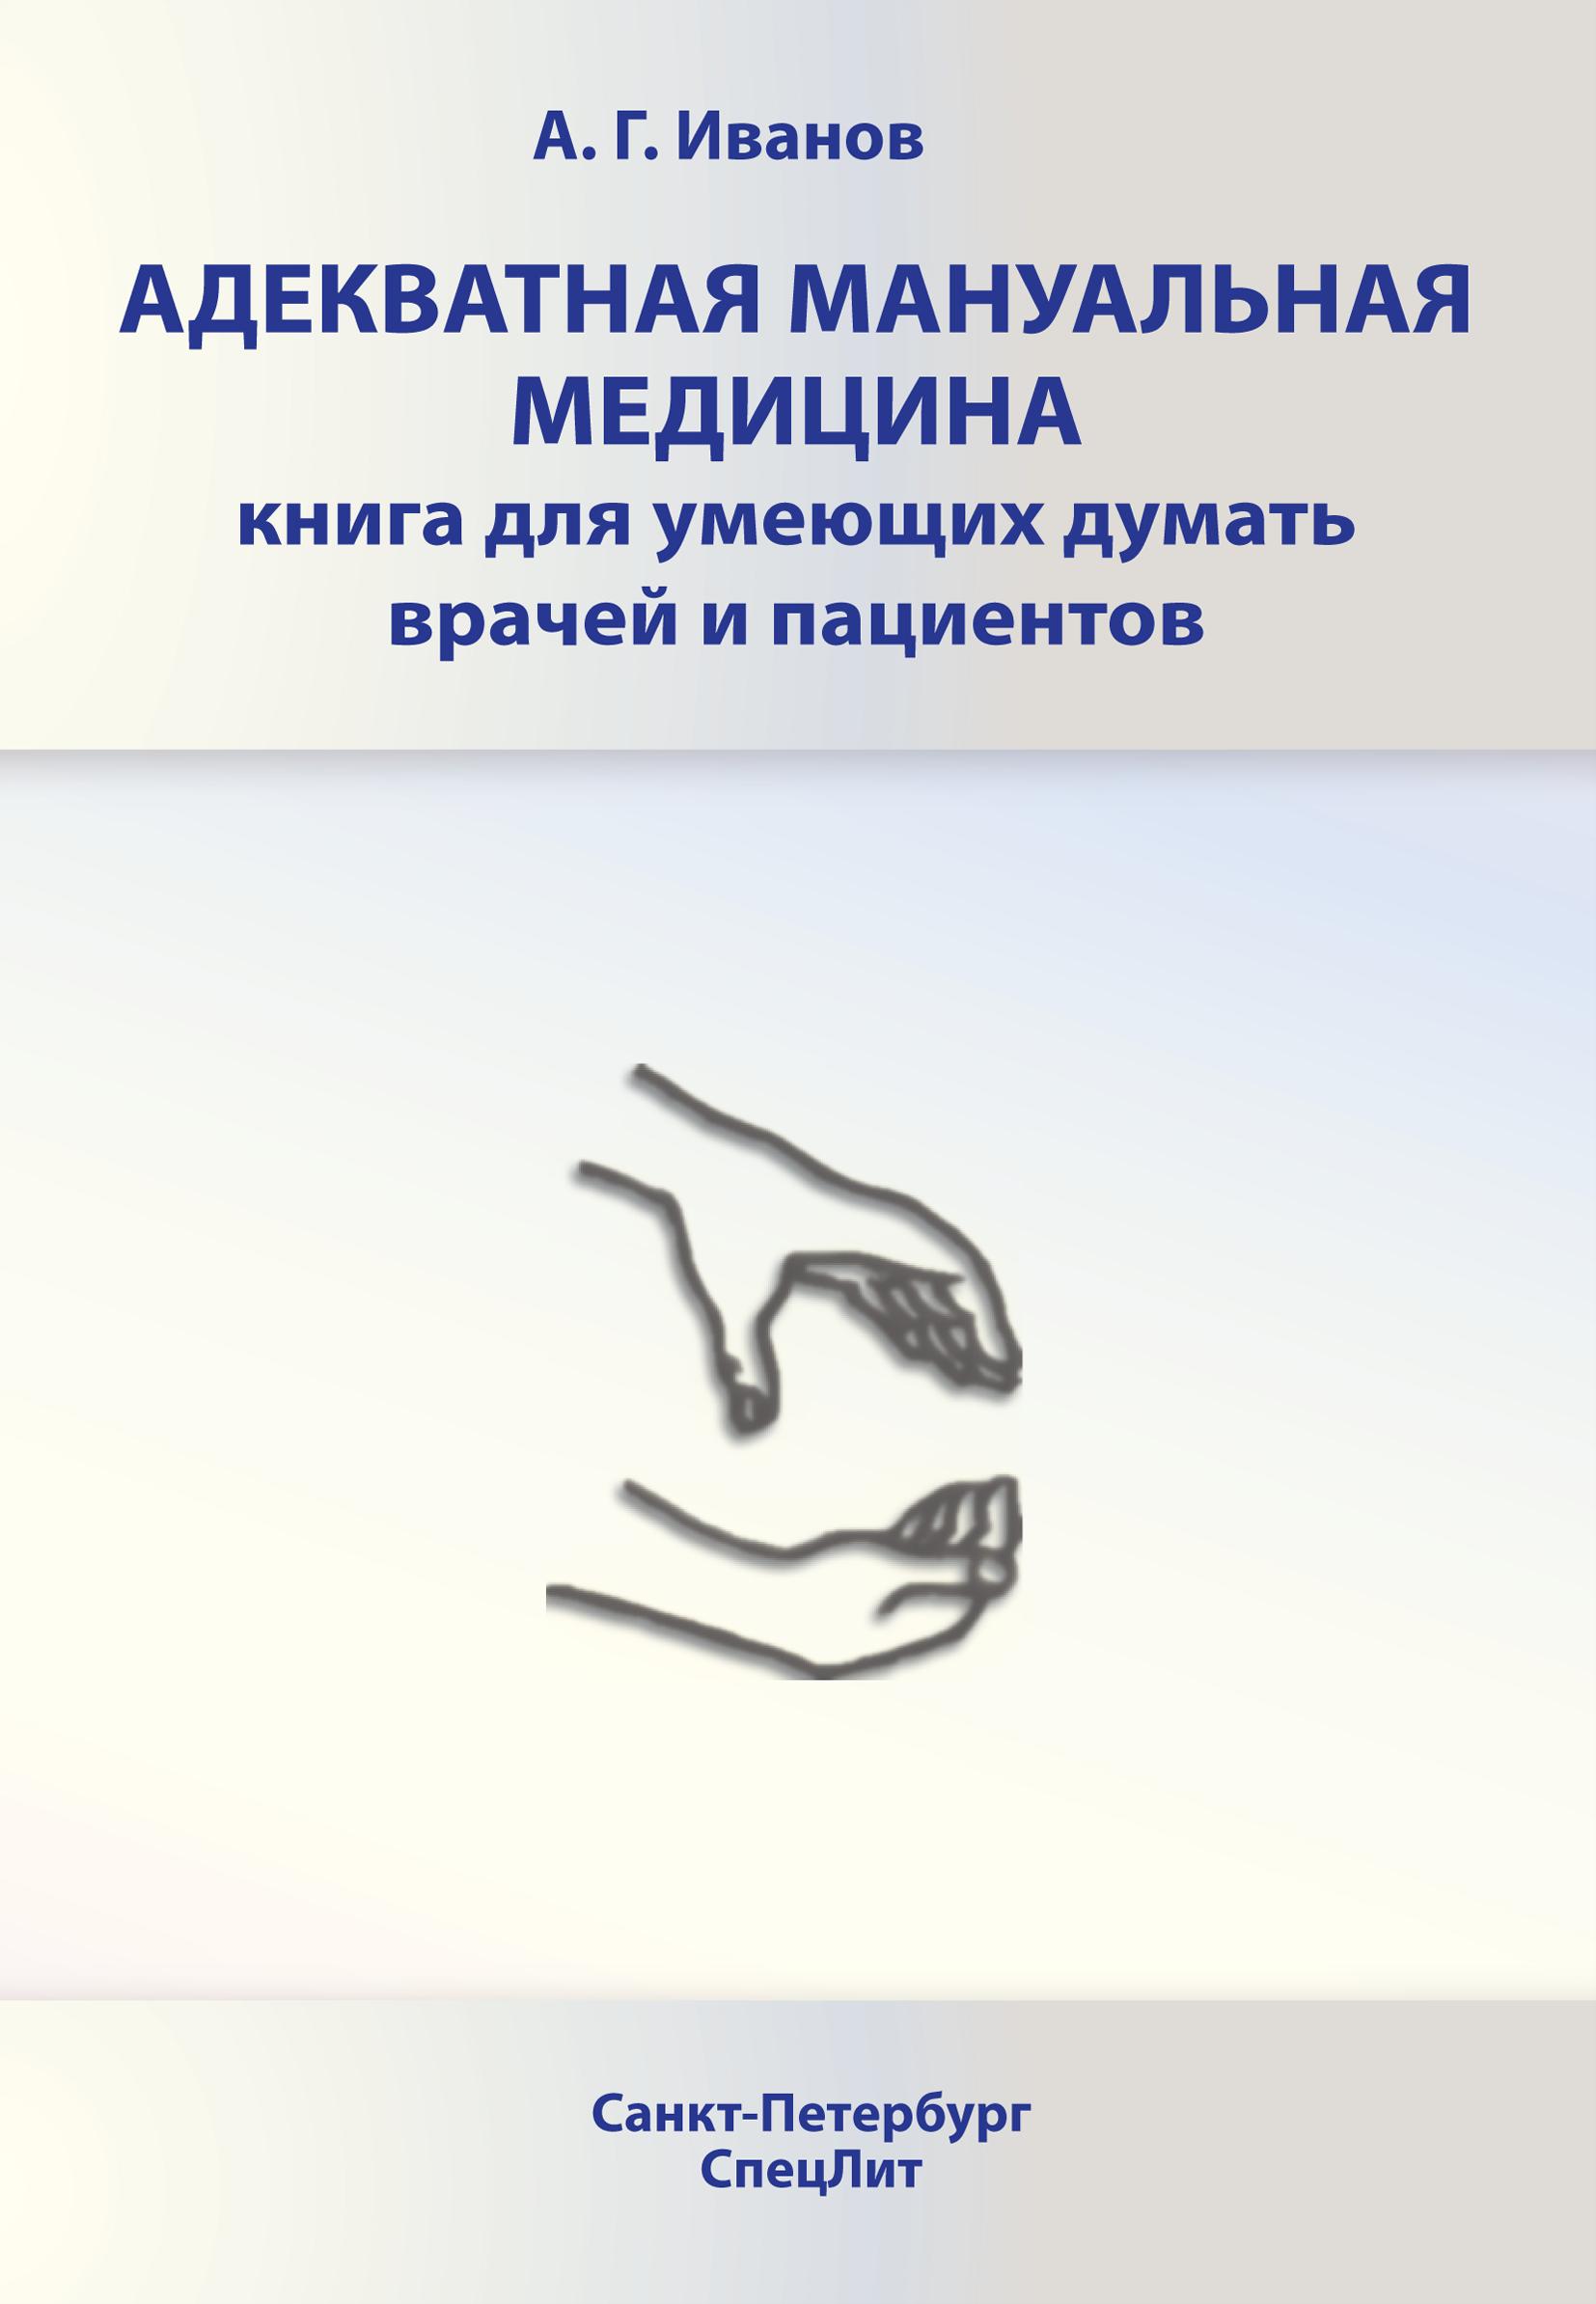 Андрей Иванов Адекватная мануальная медицина. Книга для умеющих думать врачей и пациентов